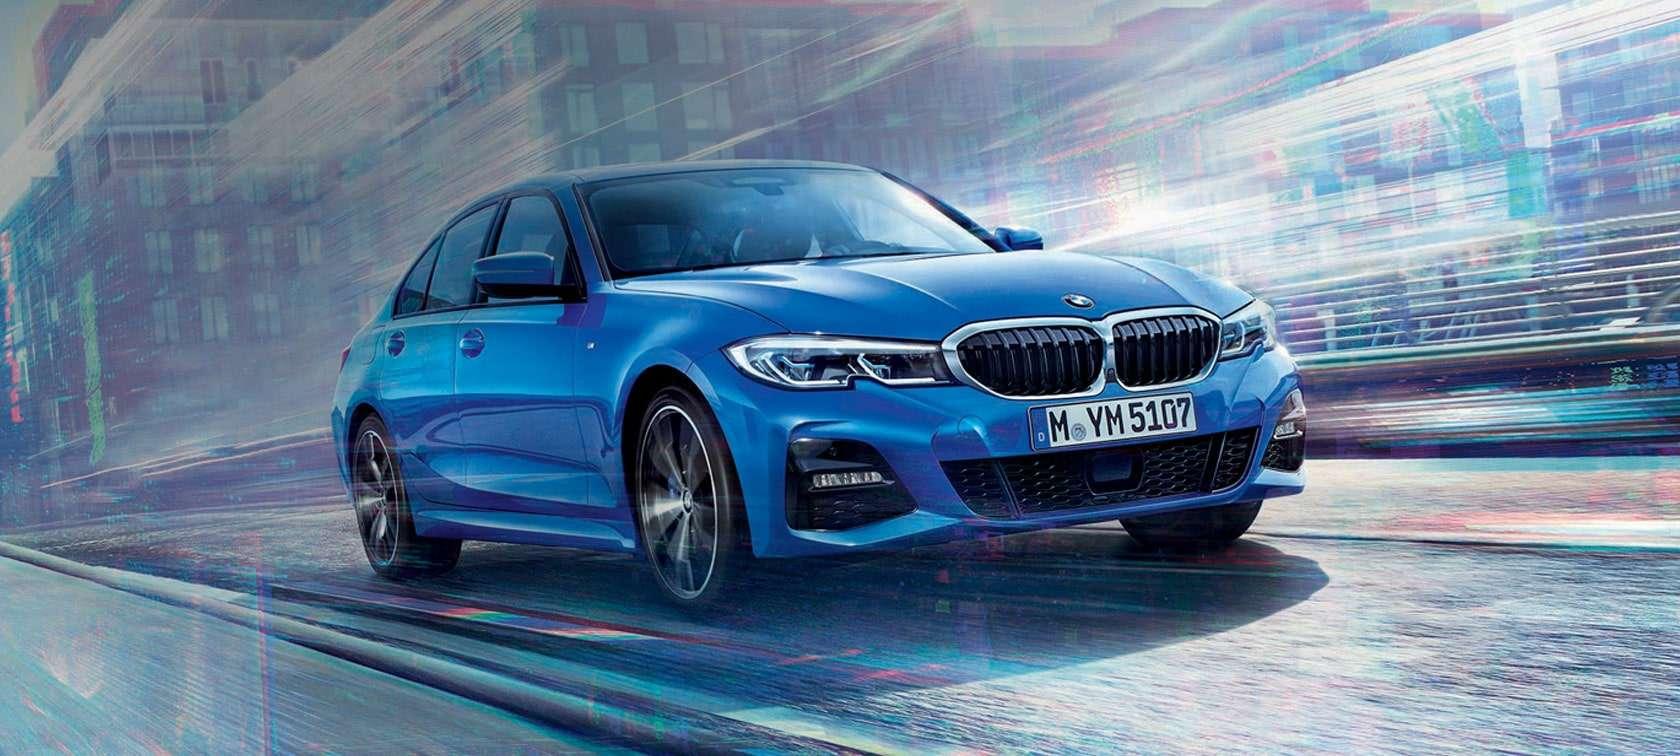 1.000 EUR AKTIONSBONUS* FÜR ÜBER 5.000 SOFORT VERFÜGBARE BMW.